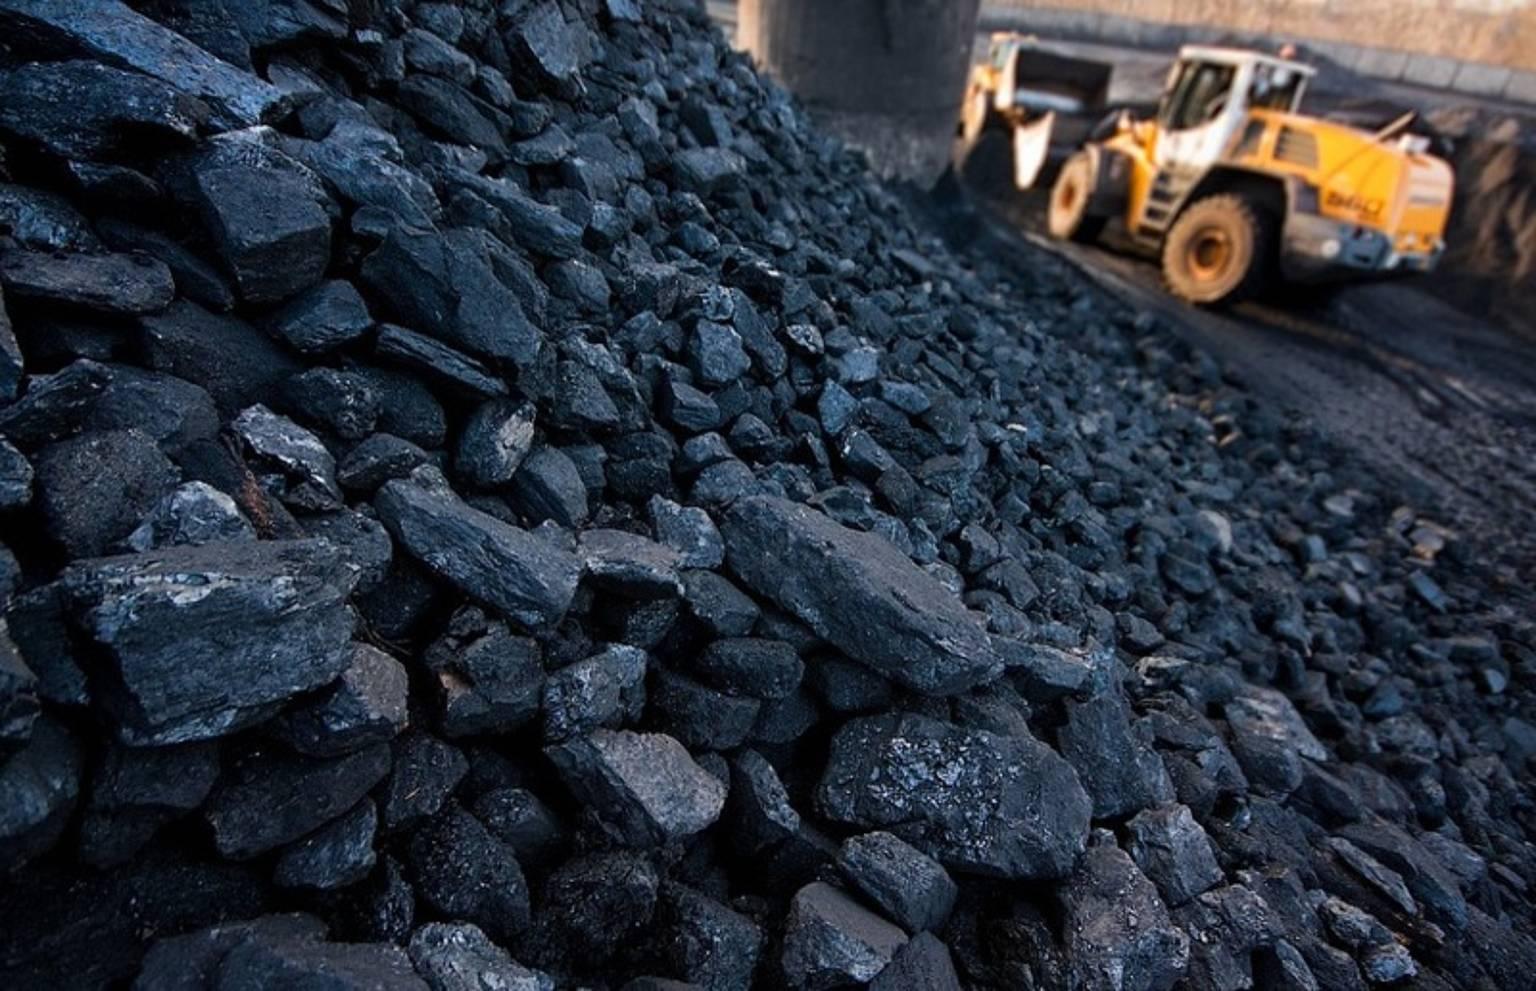 افت صادرات و واردات زغال کک شو اوکراین در 4 ماهه اول امسال